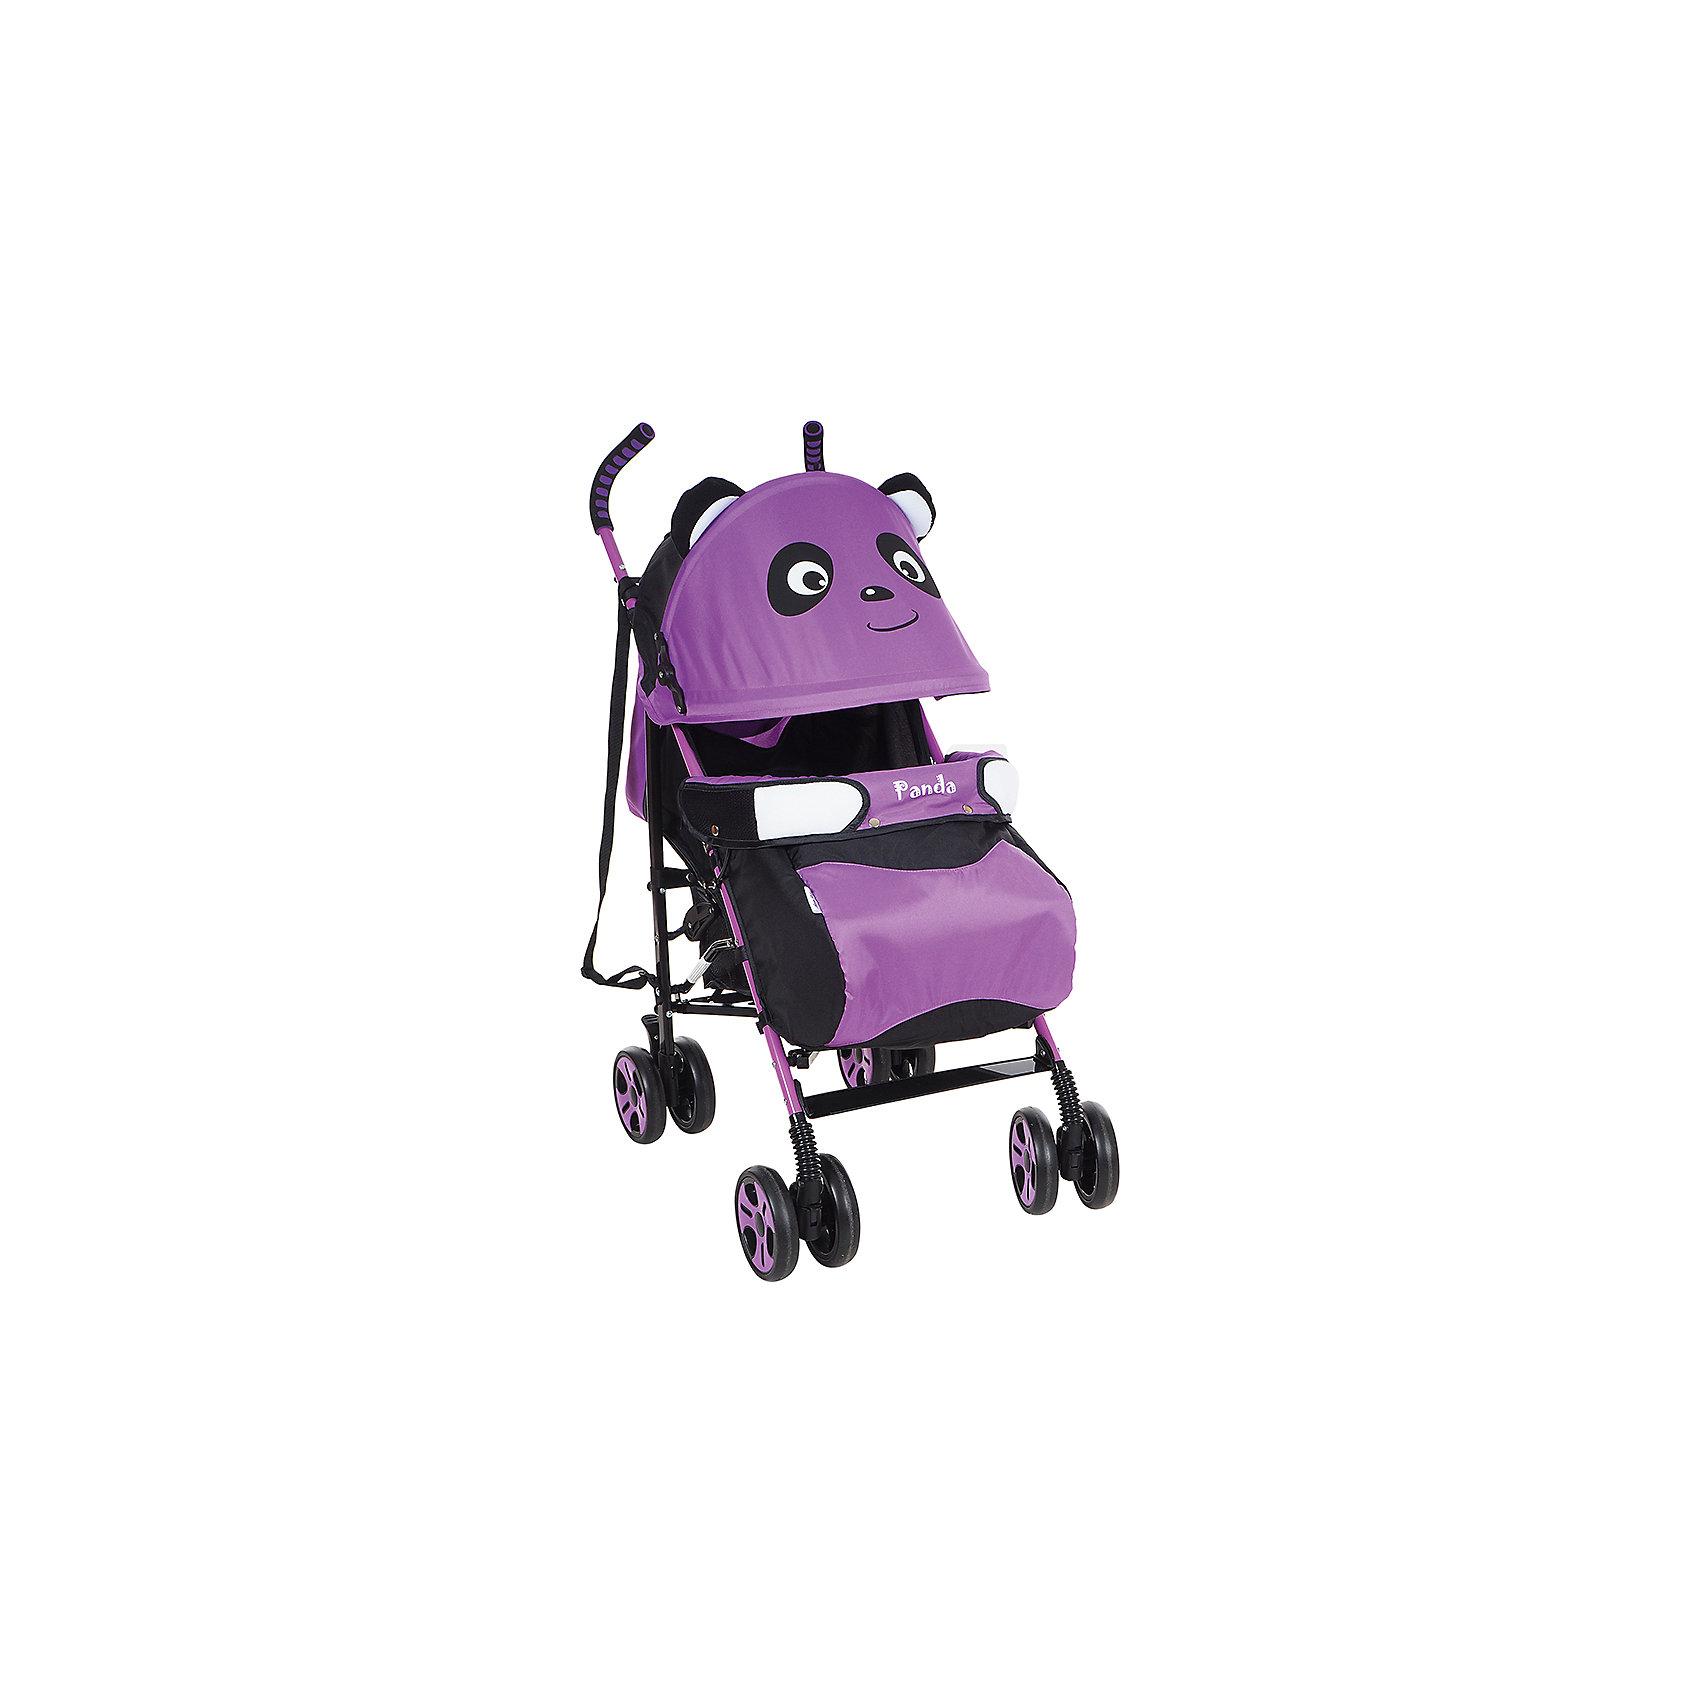 Коляска-трость Bambola Panda, фиолетовый